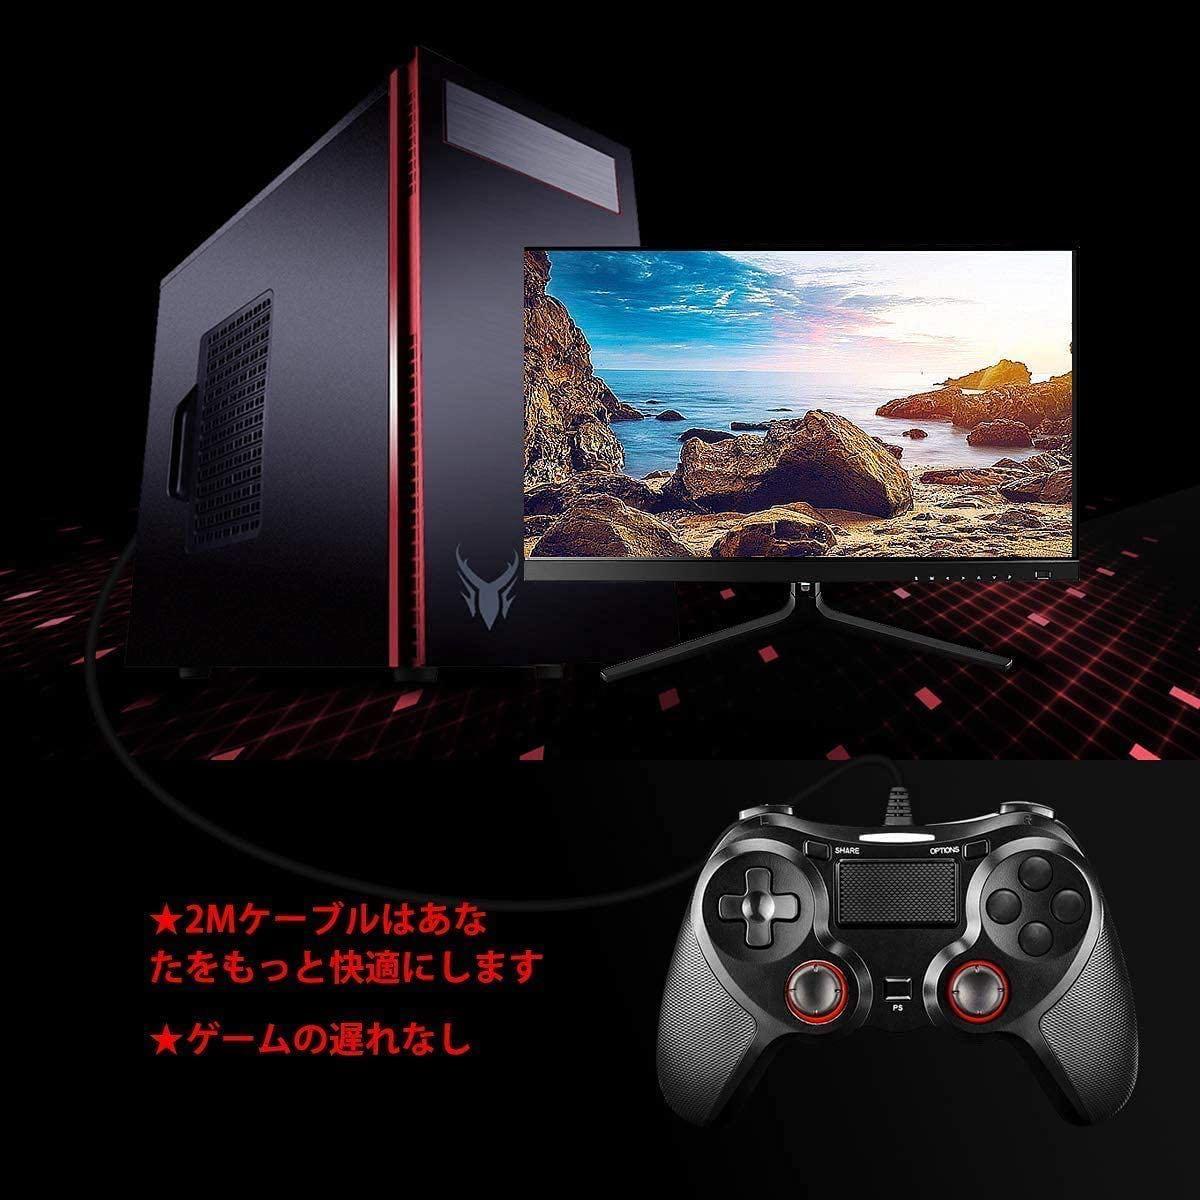 コントローラーAesvalPC有線PS4 ゲームパッドPS4 Pro/Slim/PC Win10対応 有線 人体工学 二重振動